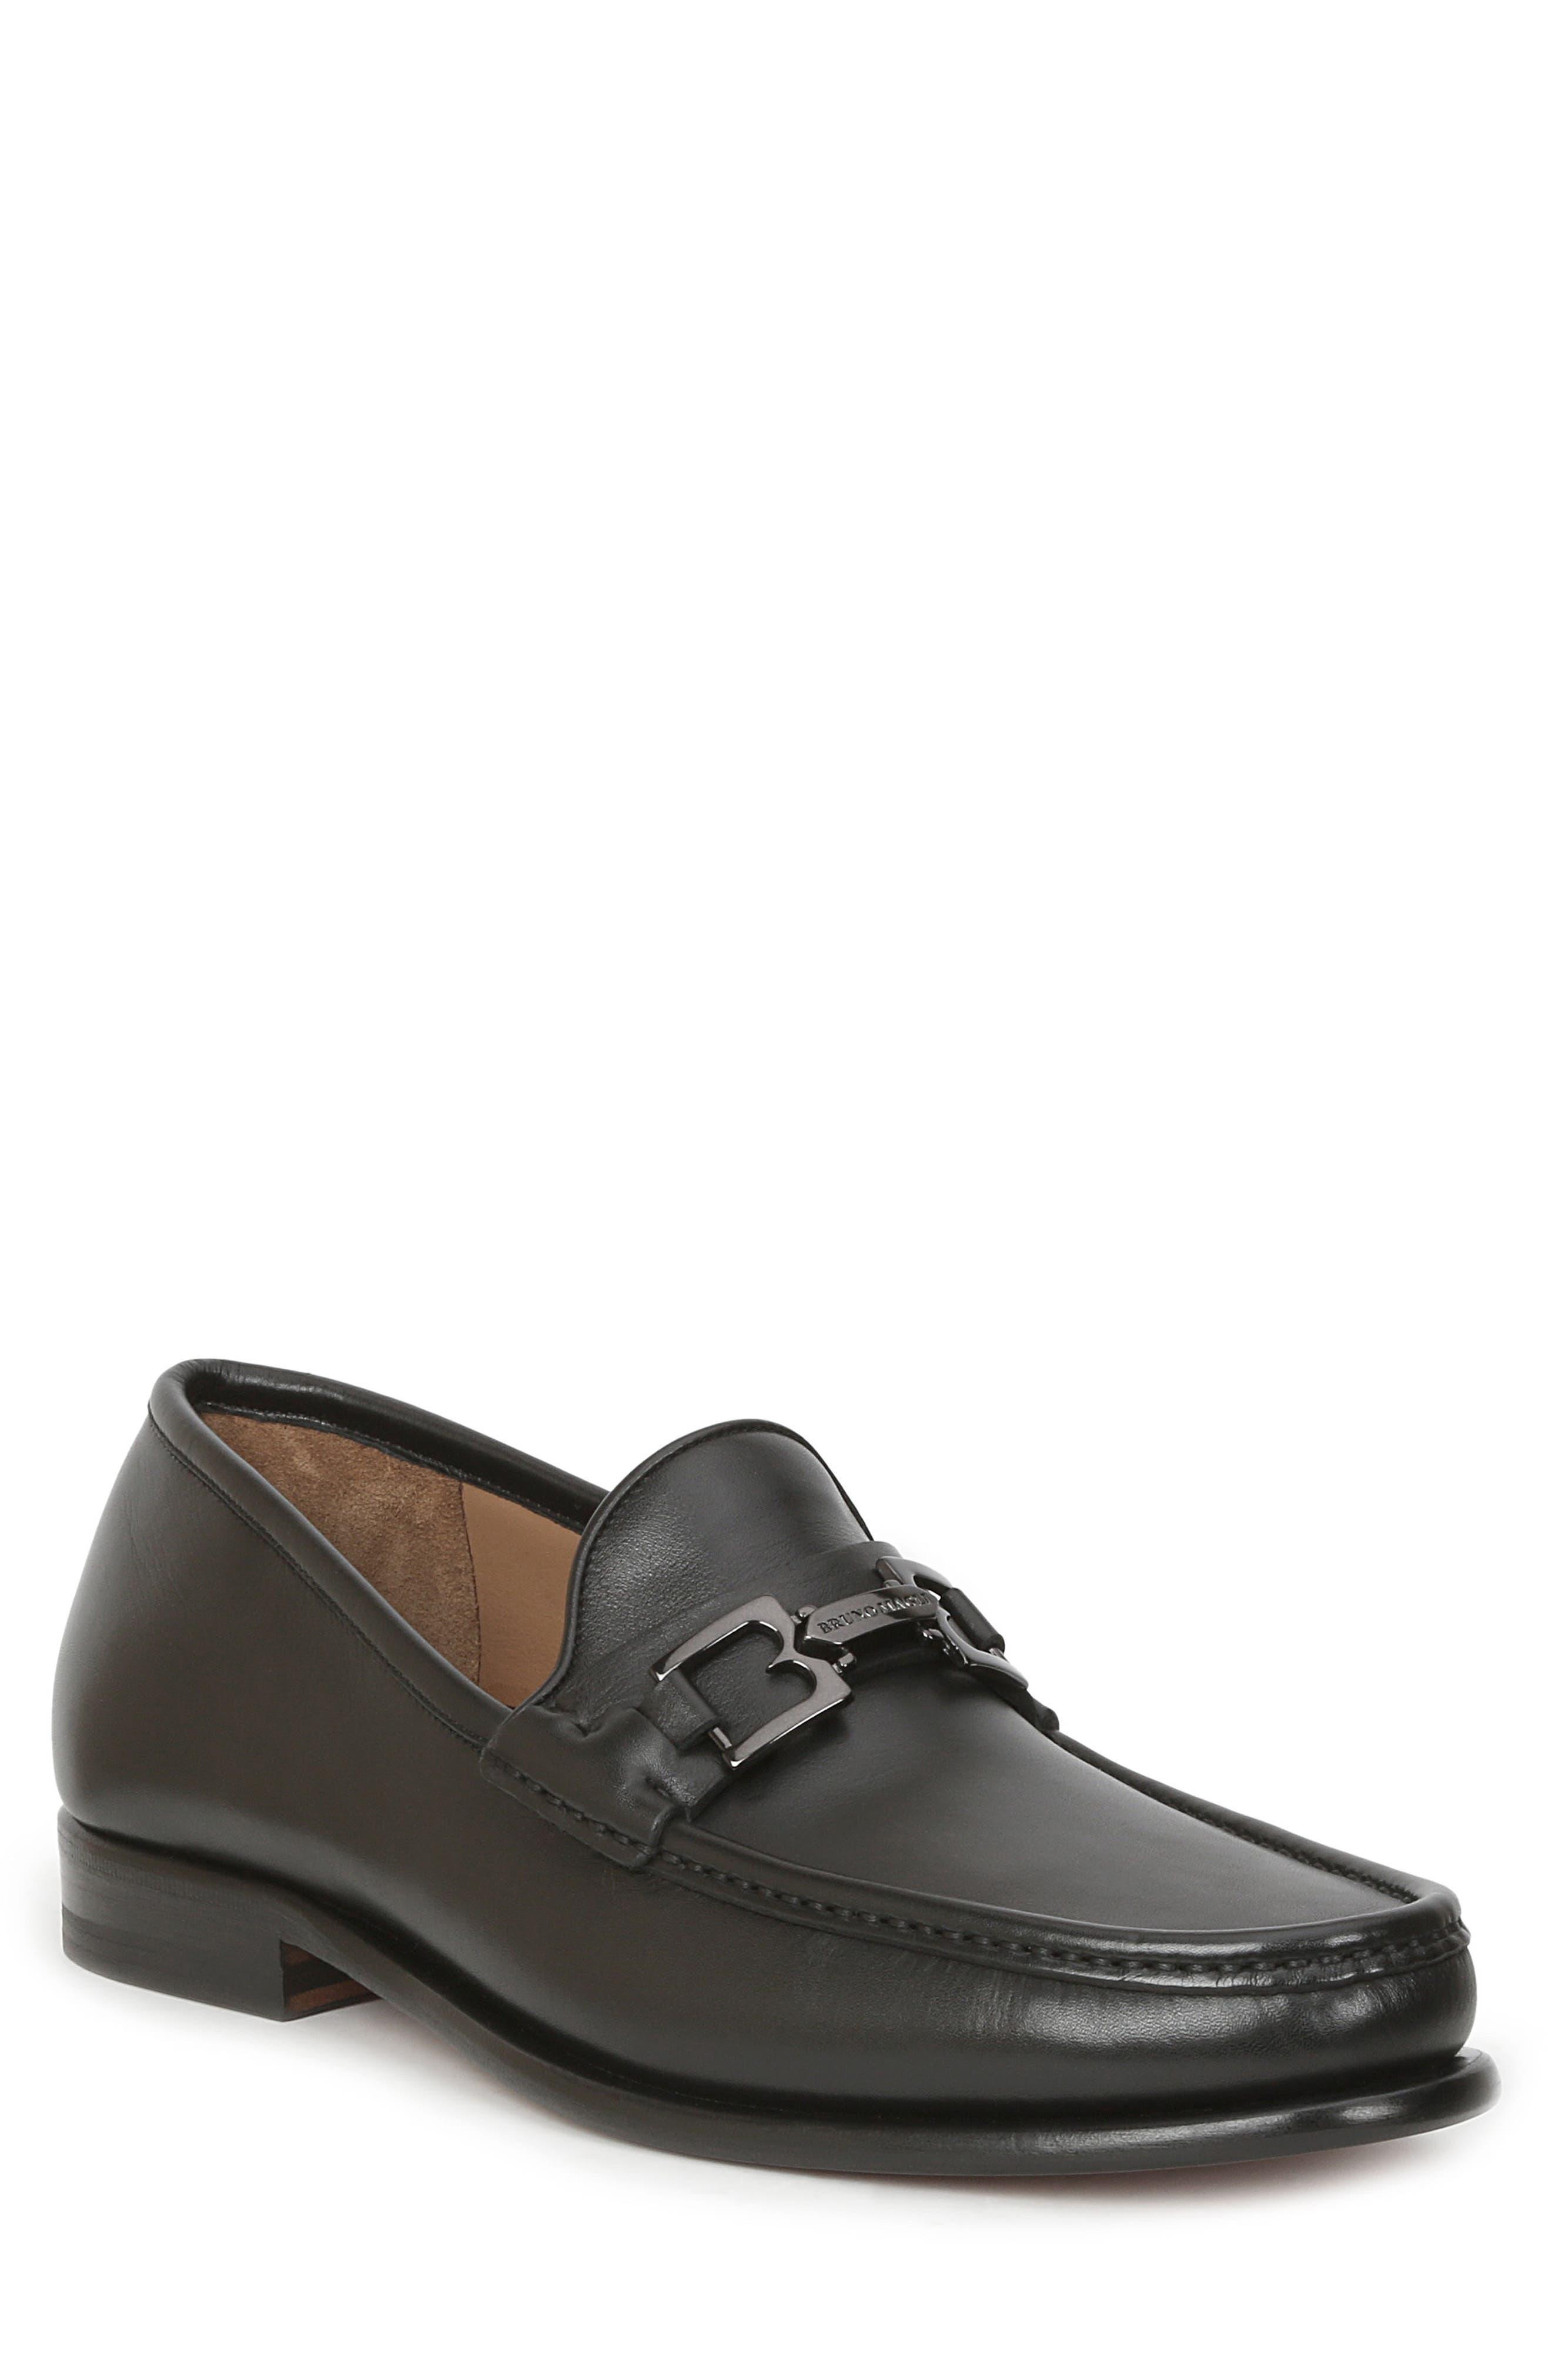 Enzo Bit Loafer,                         Main,                         color, BLACK